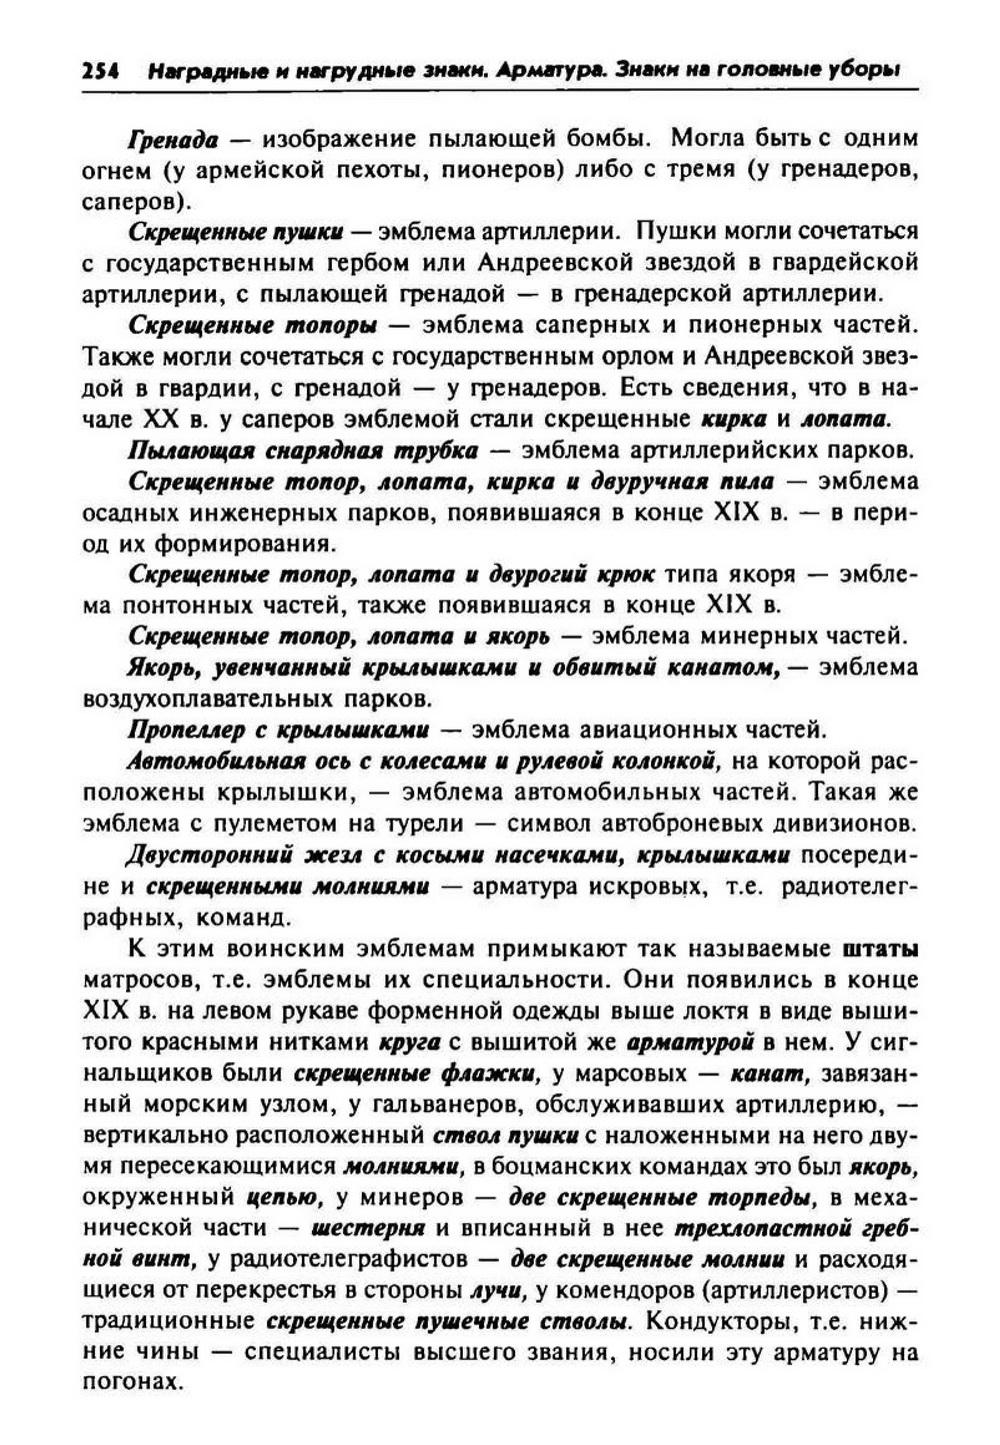 https://i5.imageban.ru/out/2015/11/26/cce5e159b2d2bdbad985eb9ccdf4d67c.jpg